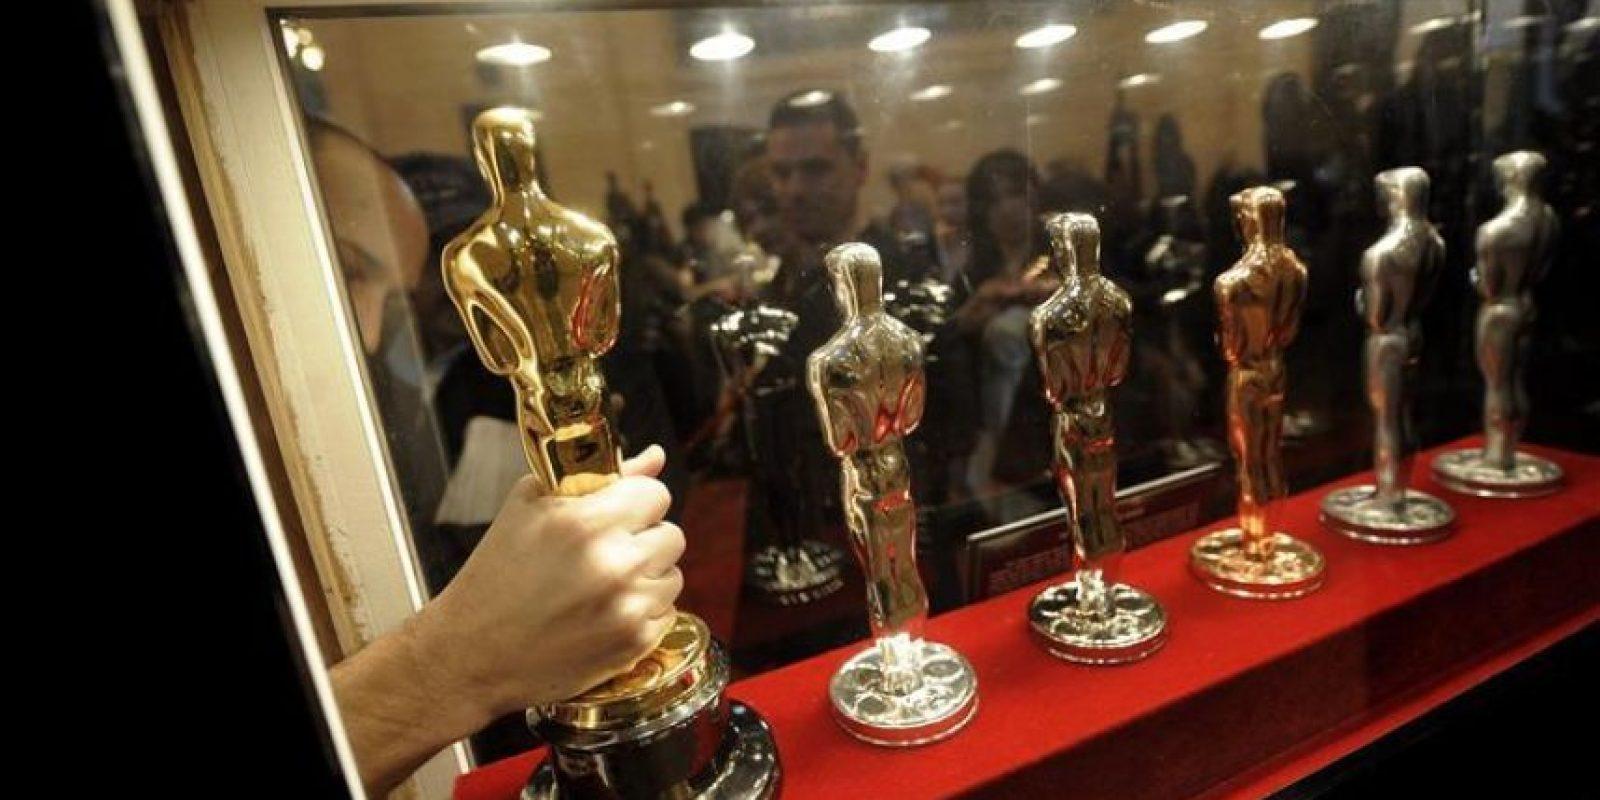 Un operario coloca un premio Oscar durante la apertura de la exposición que mostrará algunas de las estatuillas de los premios Oscar de Hollywood que se entregarán en su 84 edición, en Nueva York, Estados Unidos. EFE